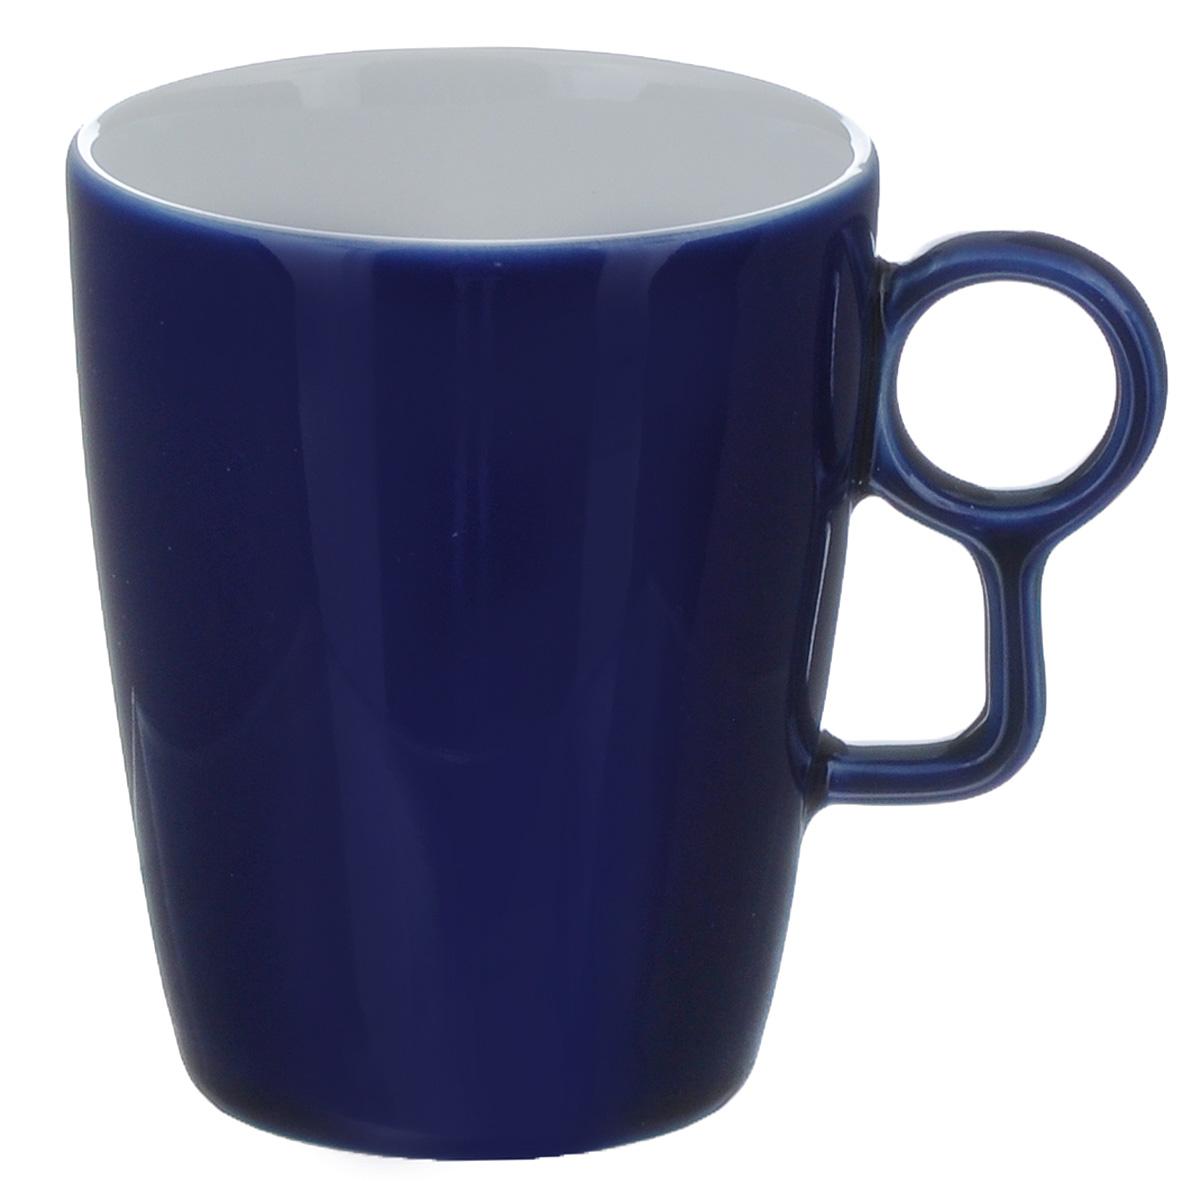 Кружка Sagaform Loop, цвет: синий, 250 мл5015910Кружка Sagaform выполнена из высококачественной керамики. Изделие оснащено удобной ручкой. Кружка сочетает в себе оригинальный дизайн и функциональность. Благодаря такой кружке пить напитки будет еще вкуснее. Кружка Sagaform согреет вас долгими холодными вечерами. Можно использовать в посудомоечной машине. Объем: 250 мл. Диаметр (по верхнему краю): 7,5 см. Высота кружки: 10 см.